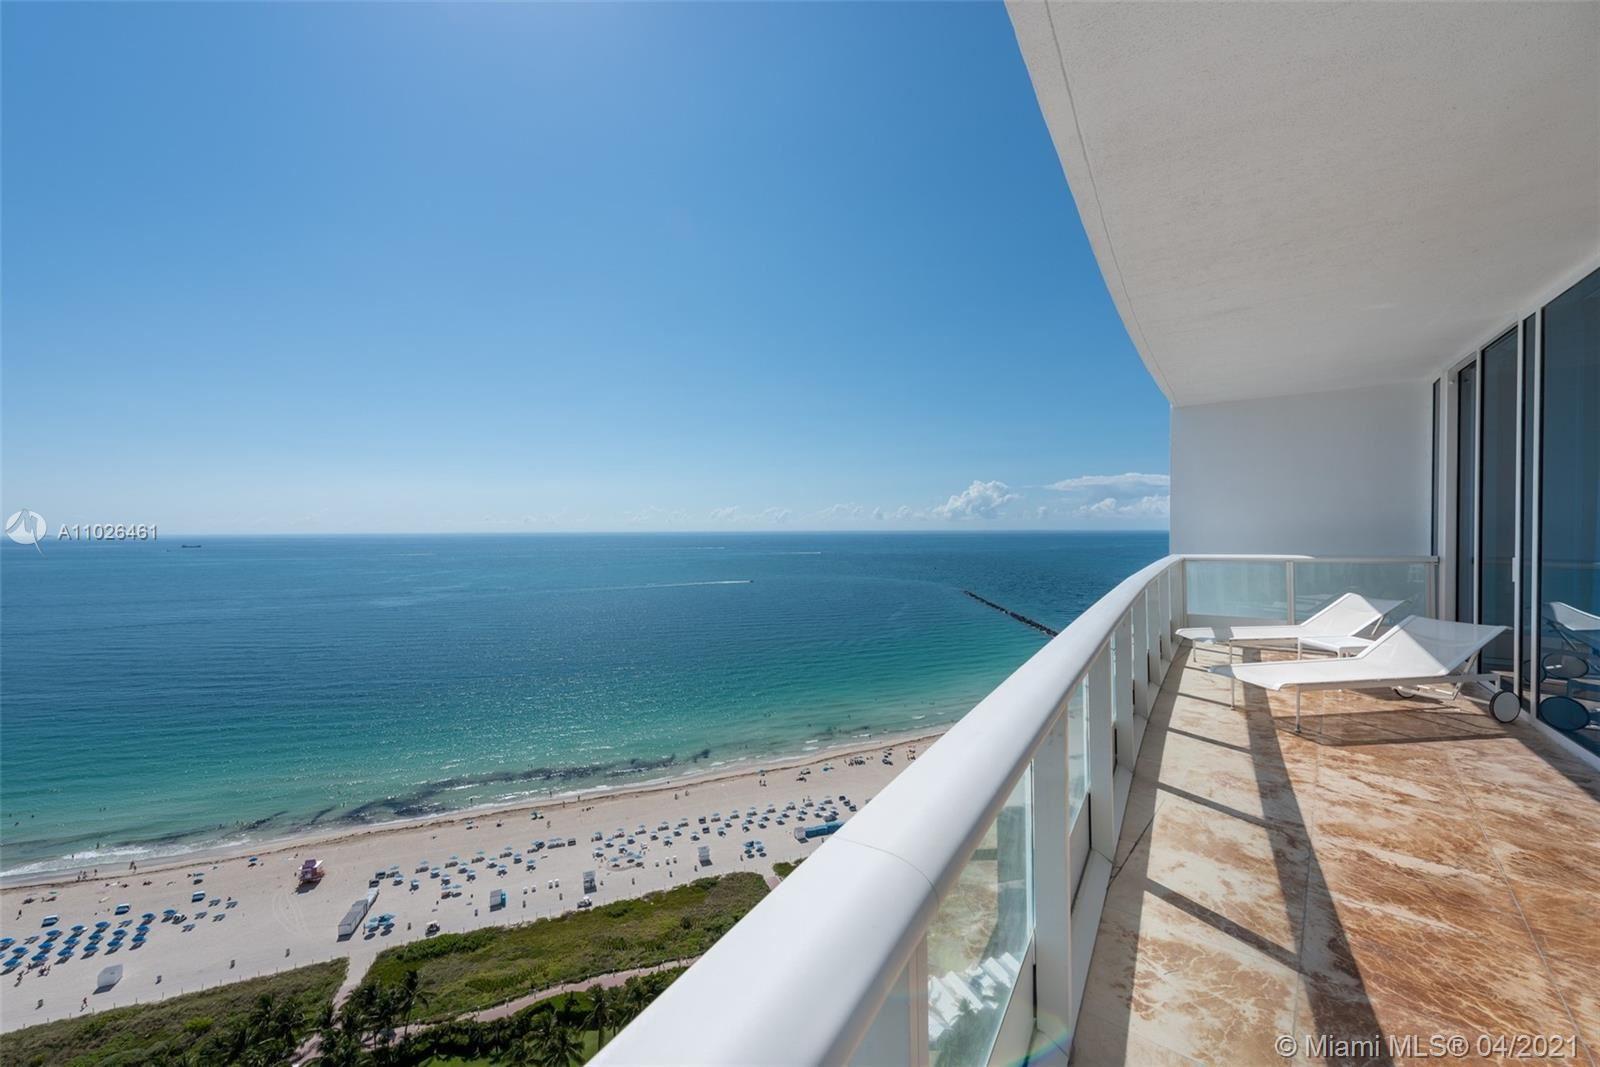 100 S Pointe Dr #3006, Miami Beach, FL 33139 - #: A11026461